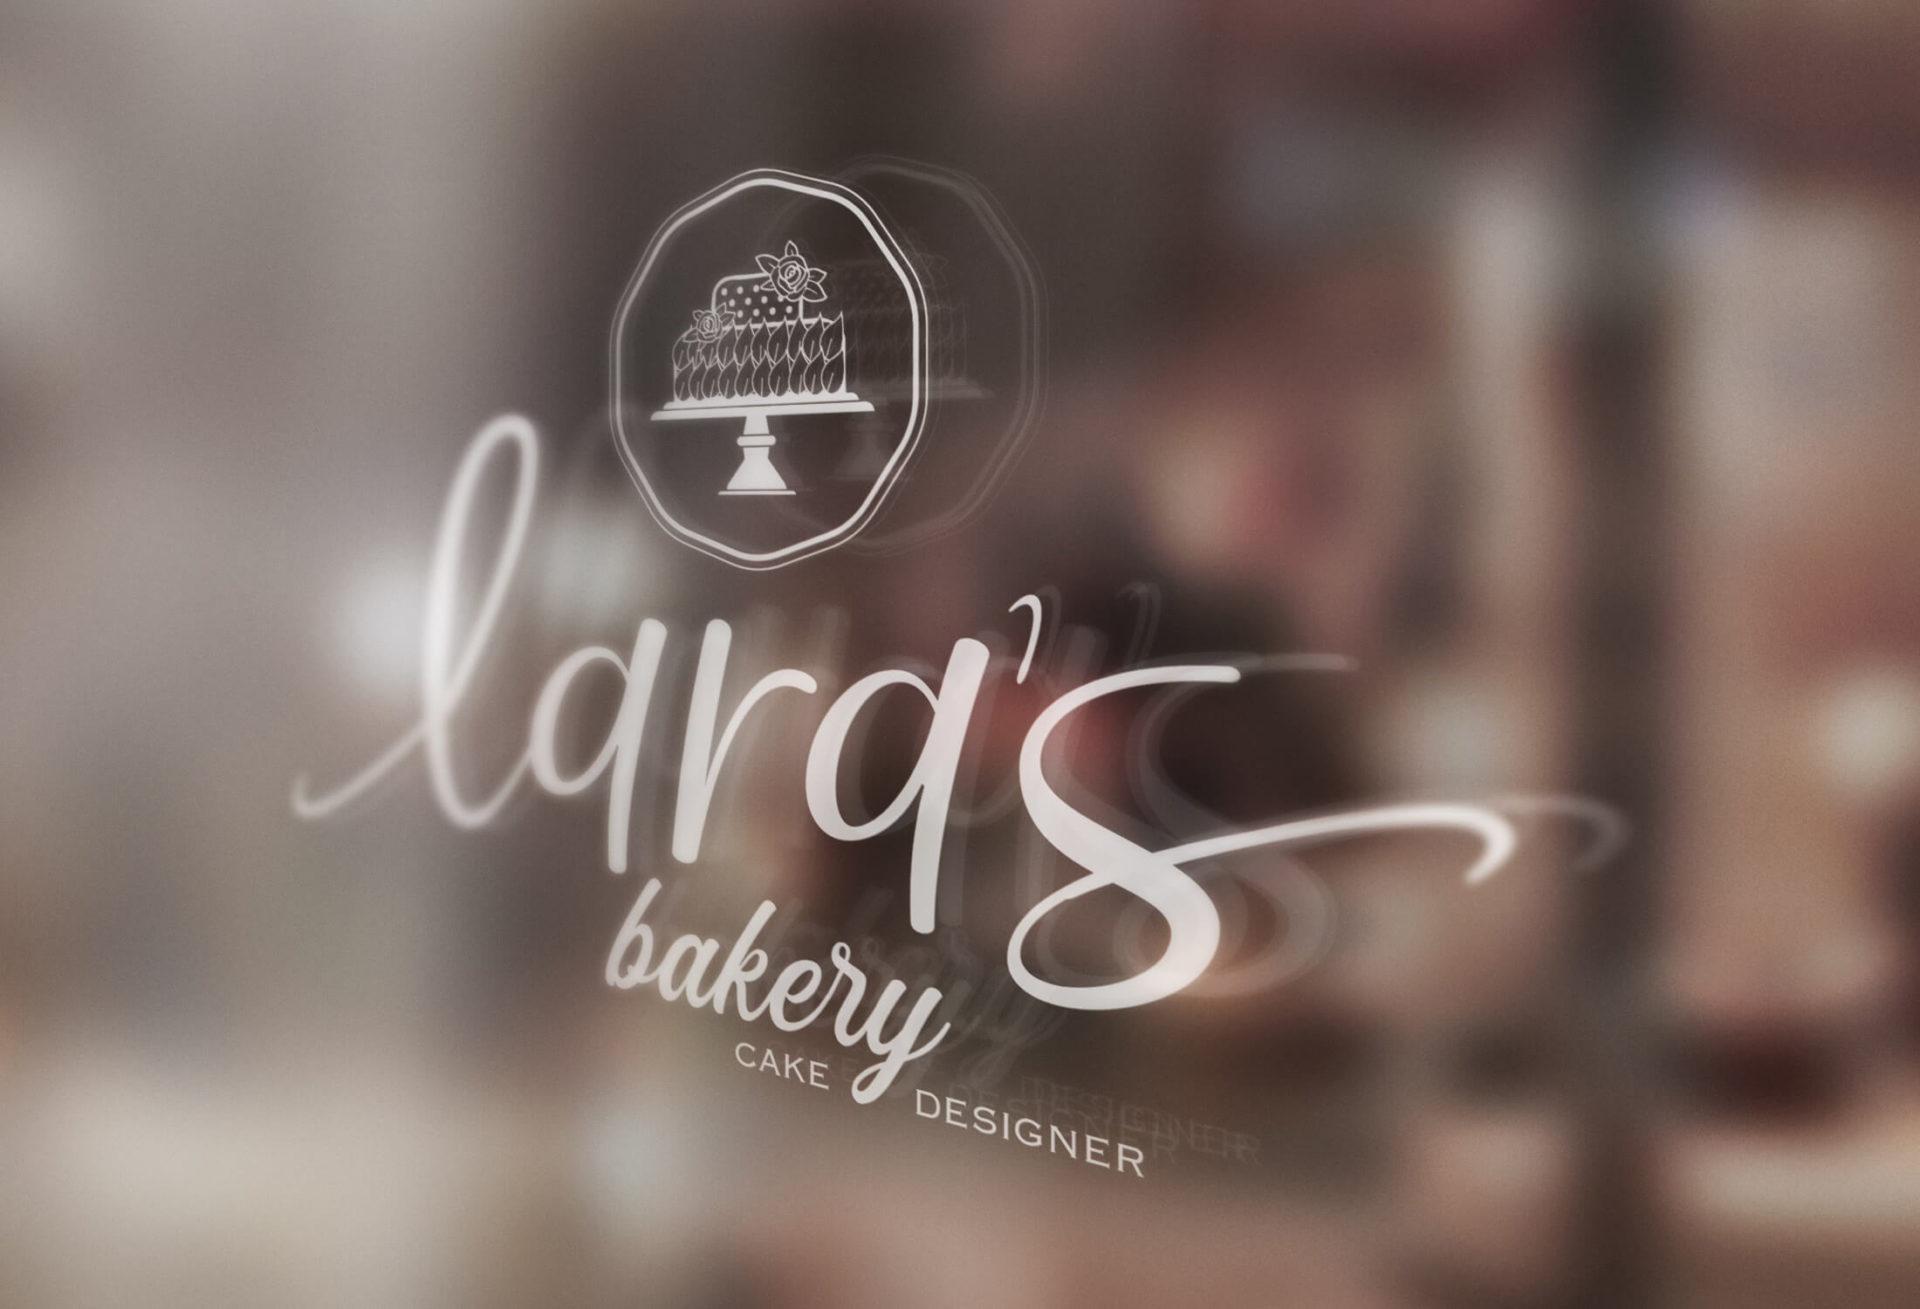 Decoração de montra Logotipo Lara's Bakery